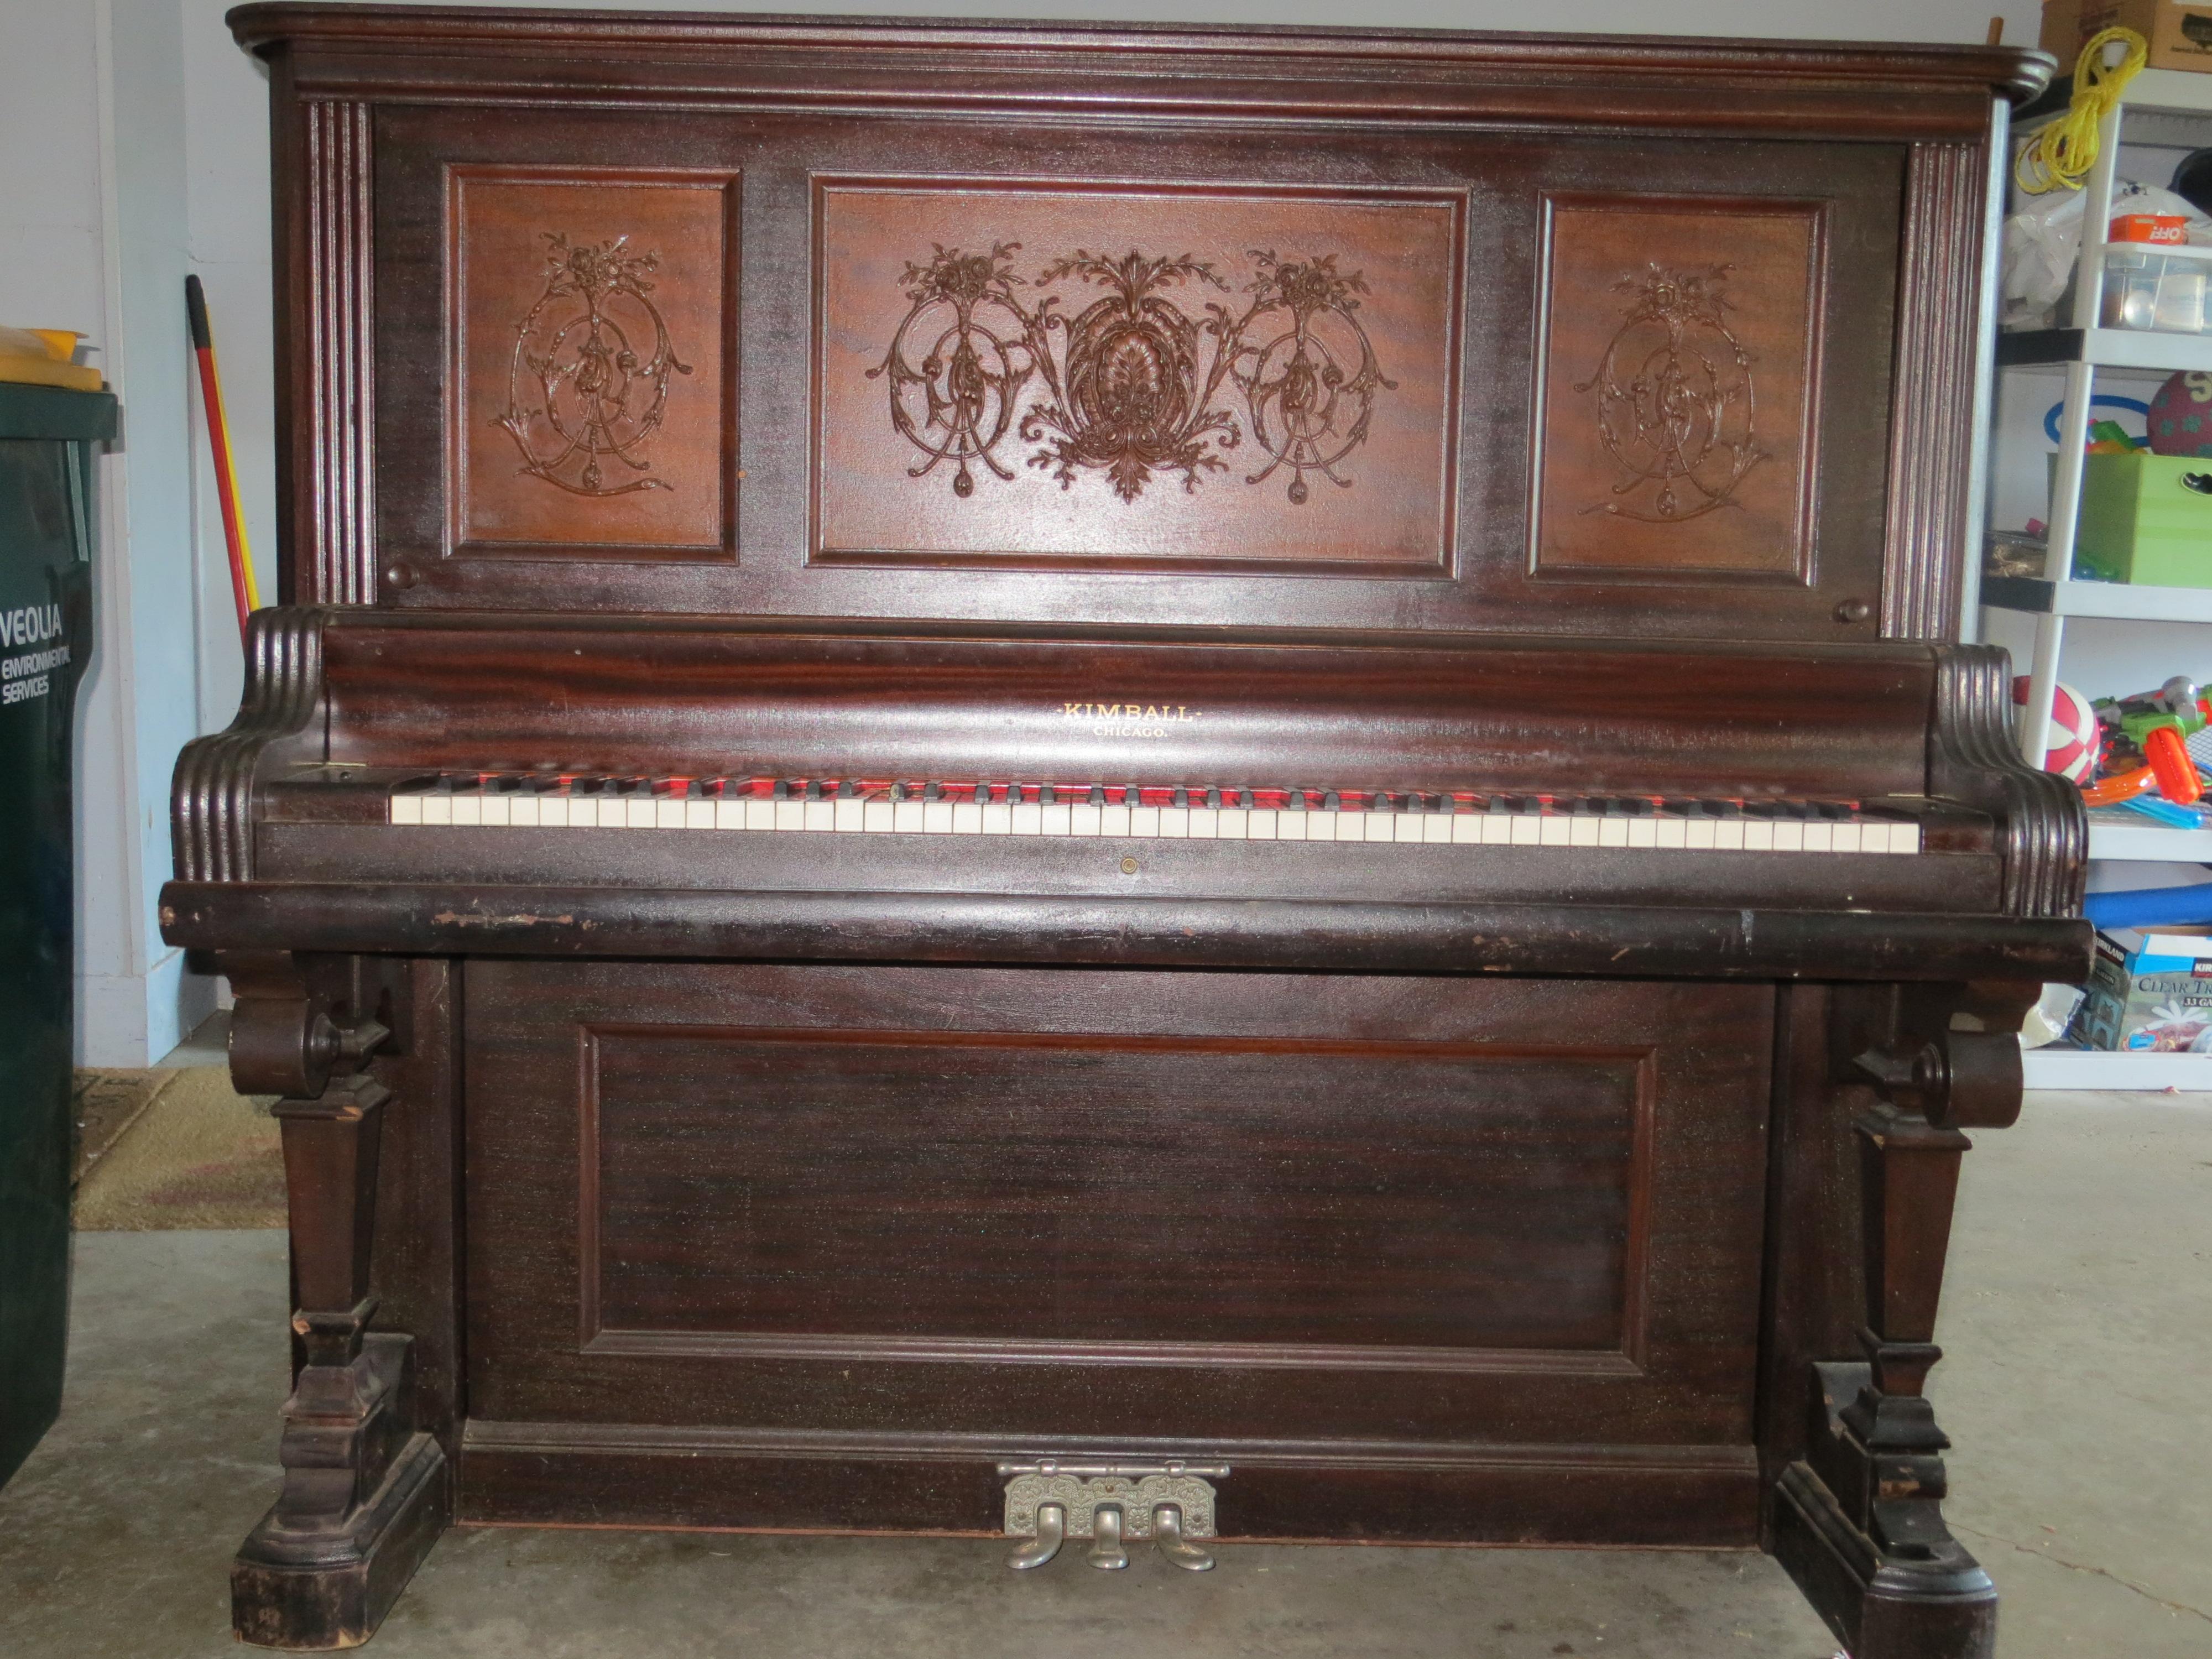 Upright kimball piano